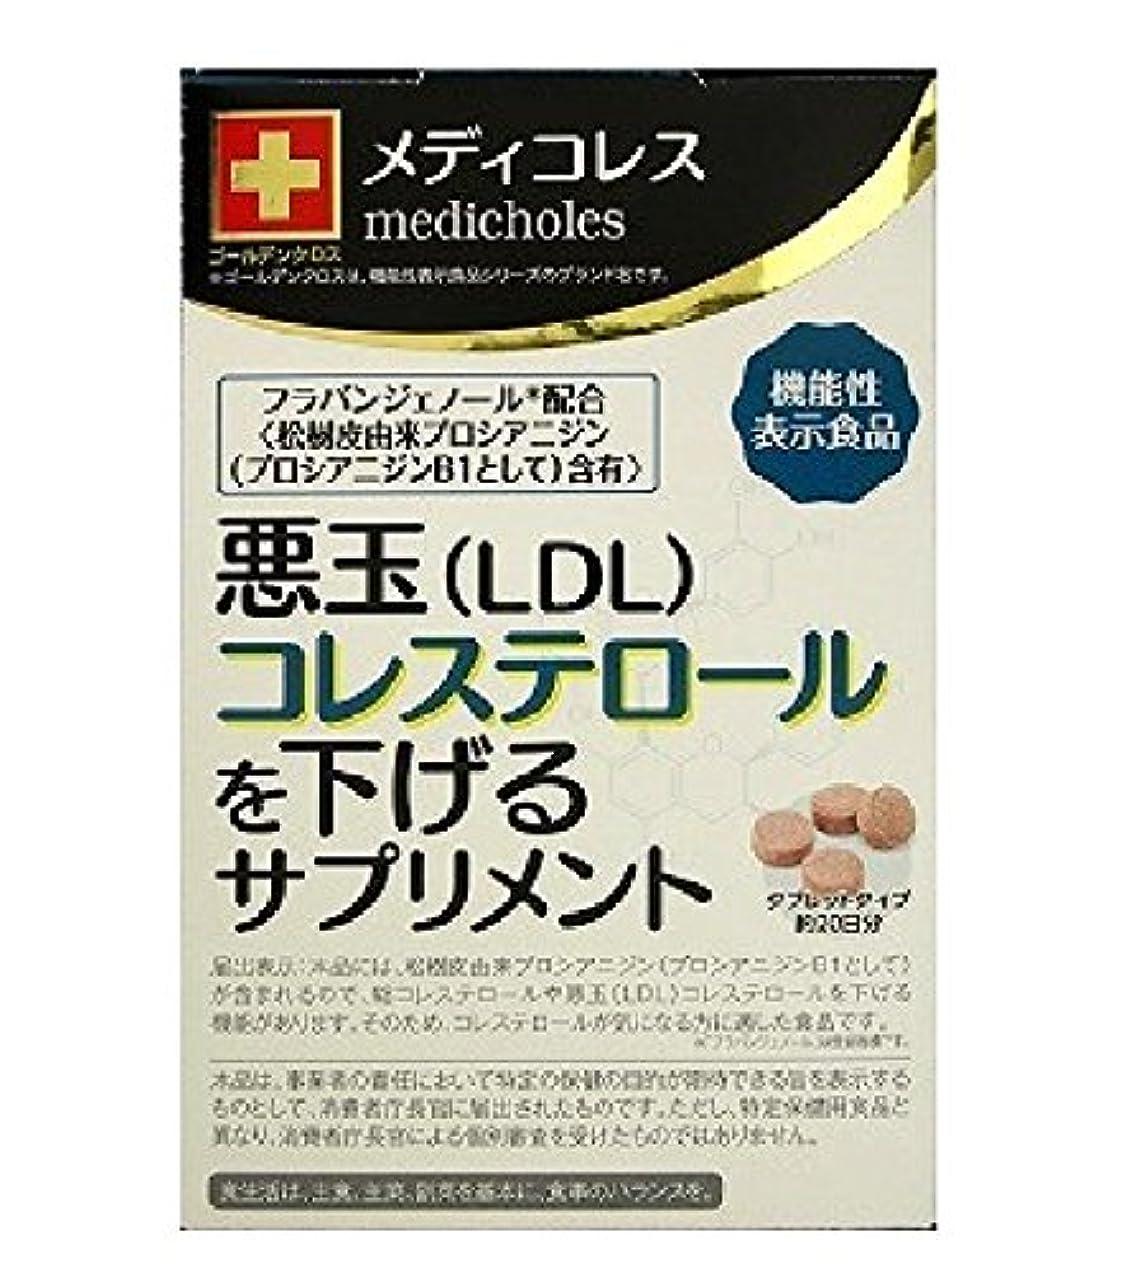 化学薬品オンス後者東洋新薬 メディコレス 250mgx80粒 [機能性表示食品]